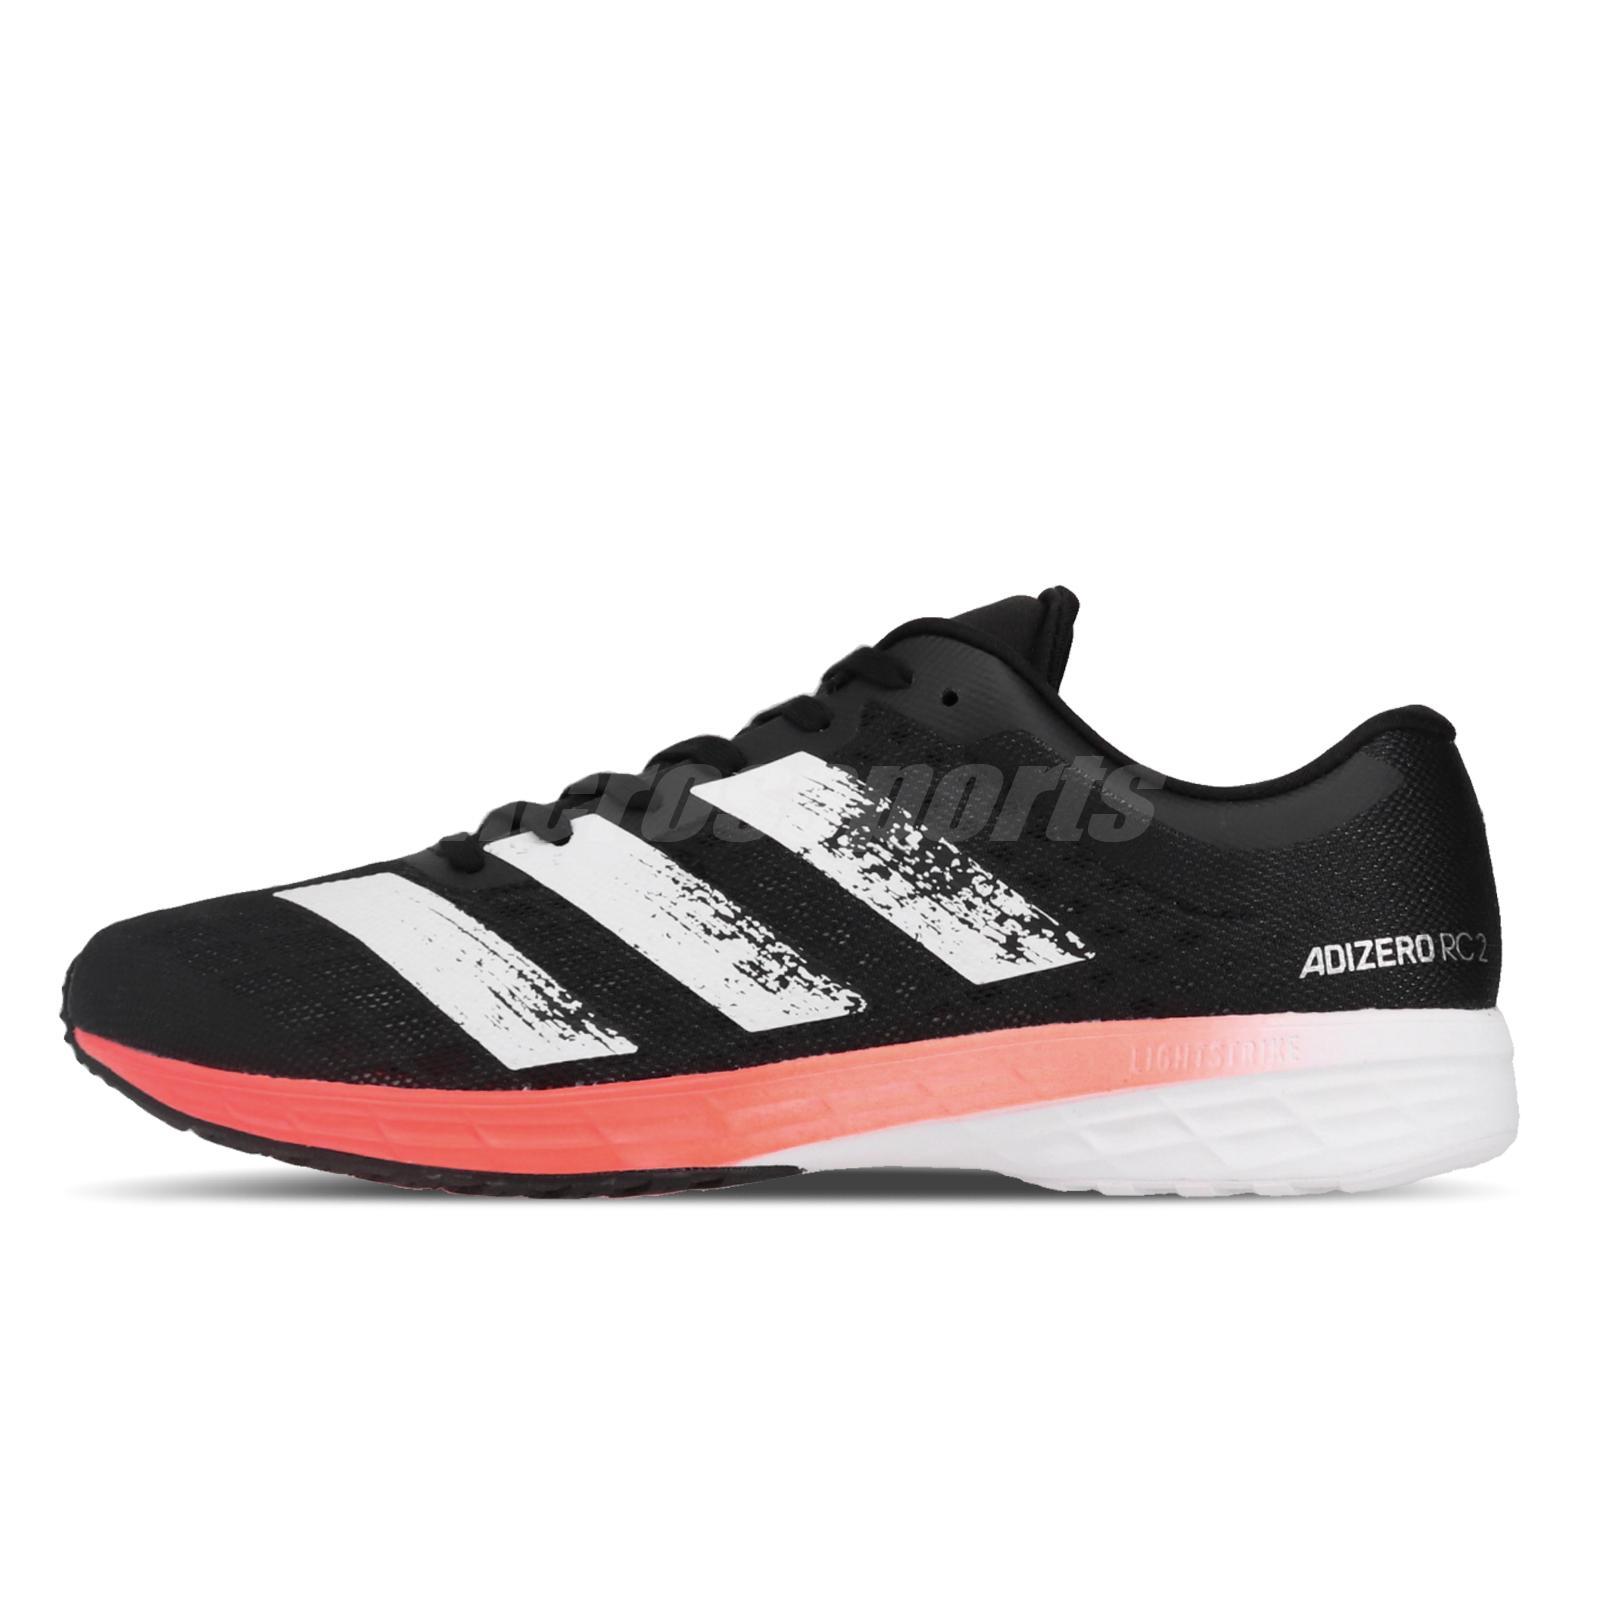 adidas Performance adizero RC 2 schwarz//weiß//orange Herren Laufschuhe EE4337